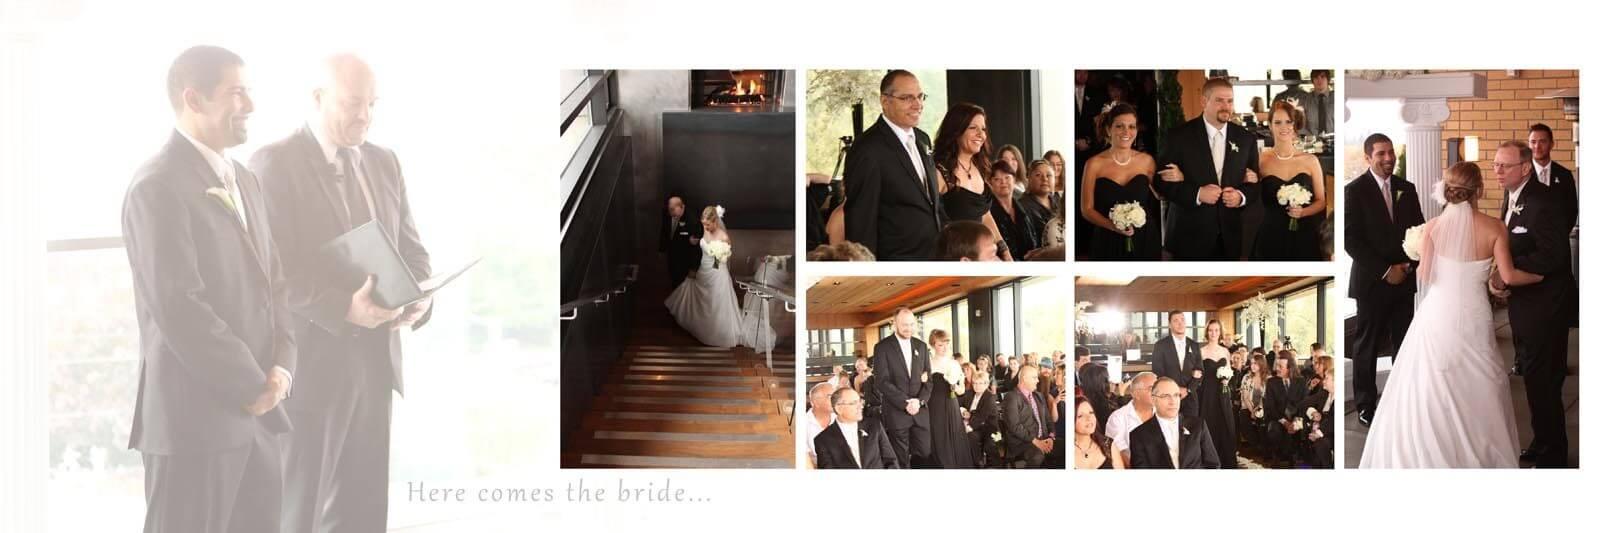 The-Vue-Indoor-Wedding-Venue-Corvallis-Oregon-wedding-photographers032-033.jpg